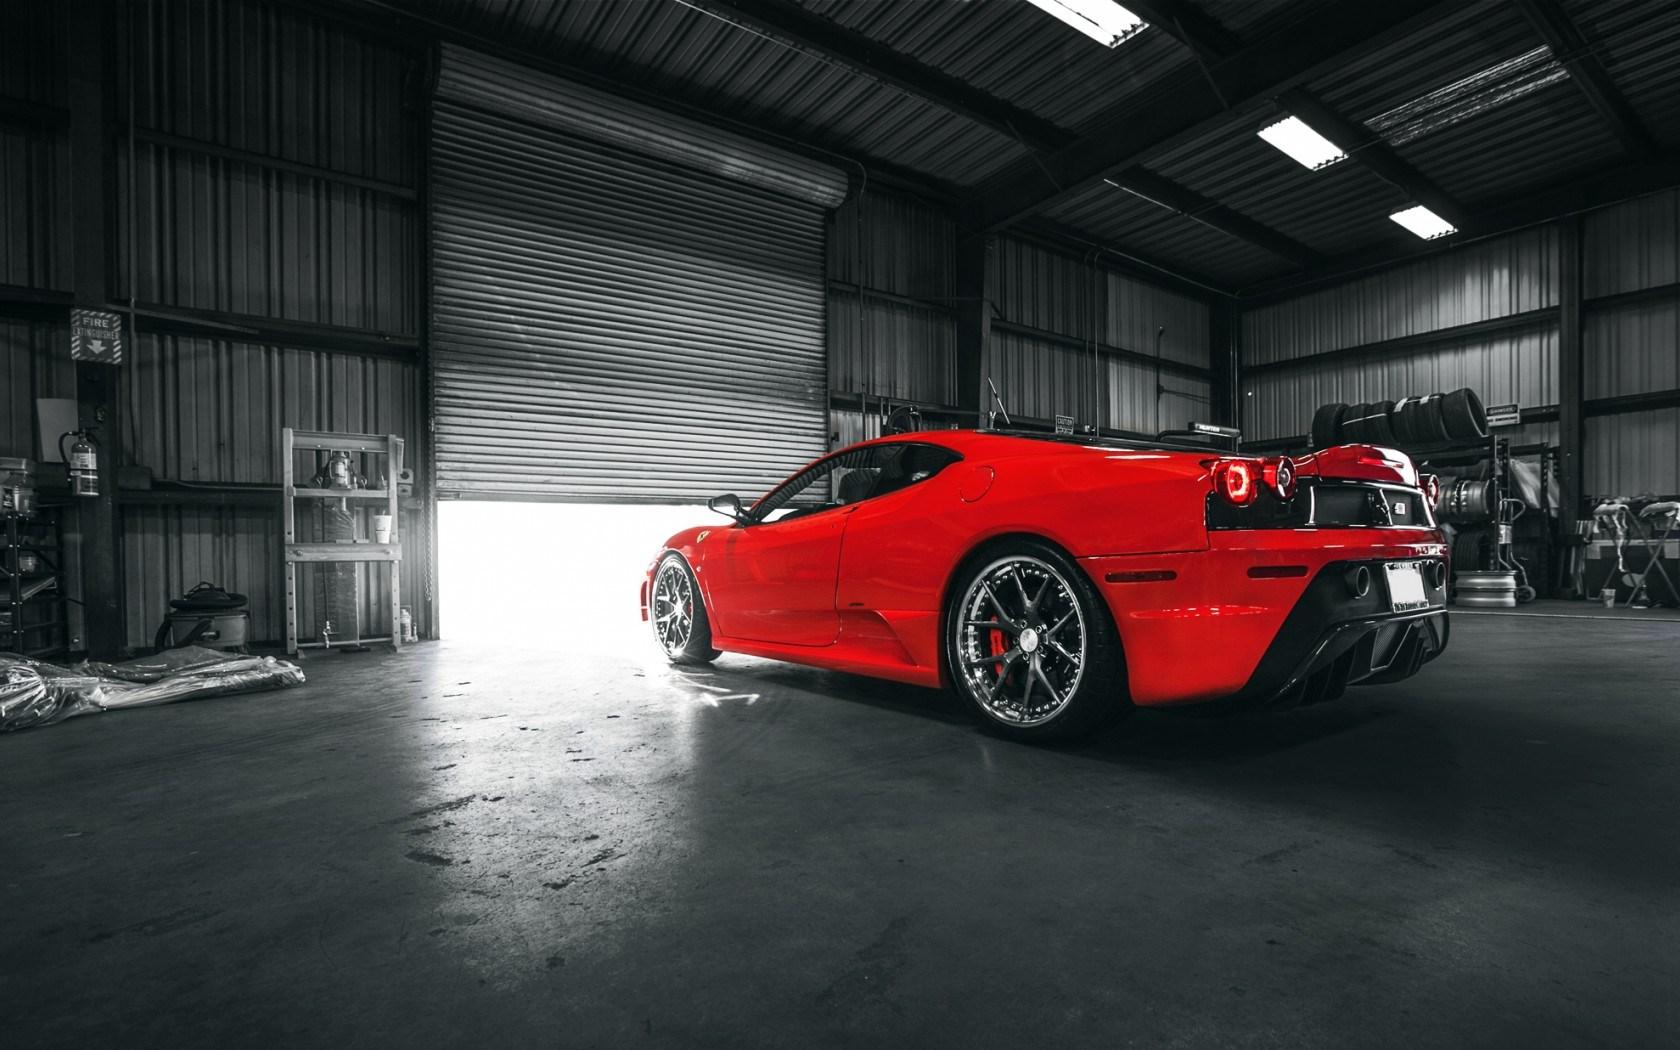 Ferrari F430 Scuderia Car Wheels Tuning Warehouse